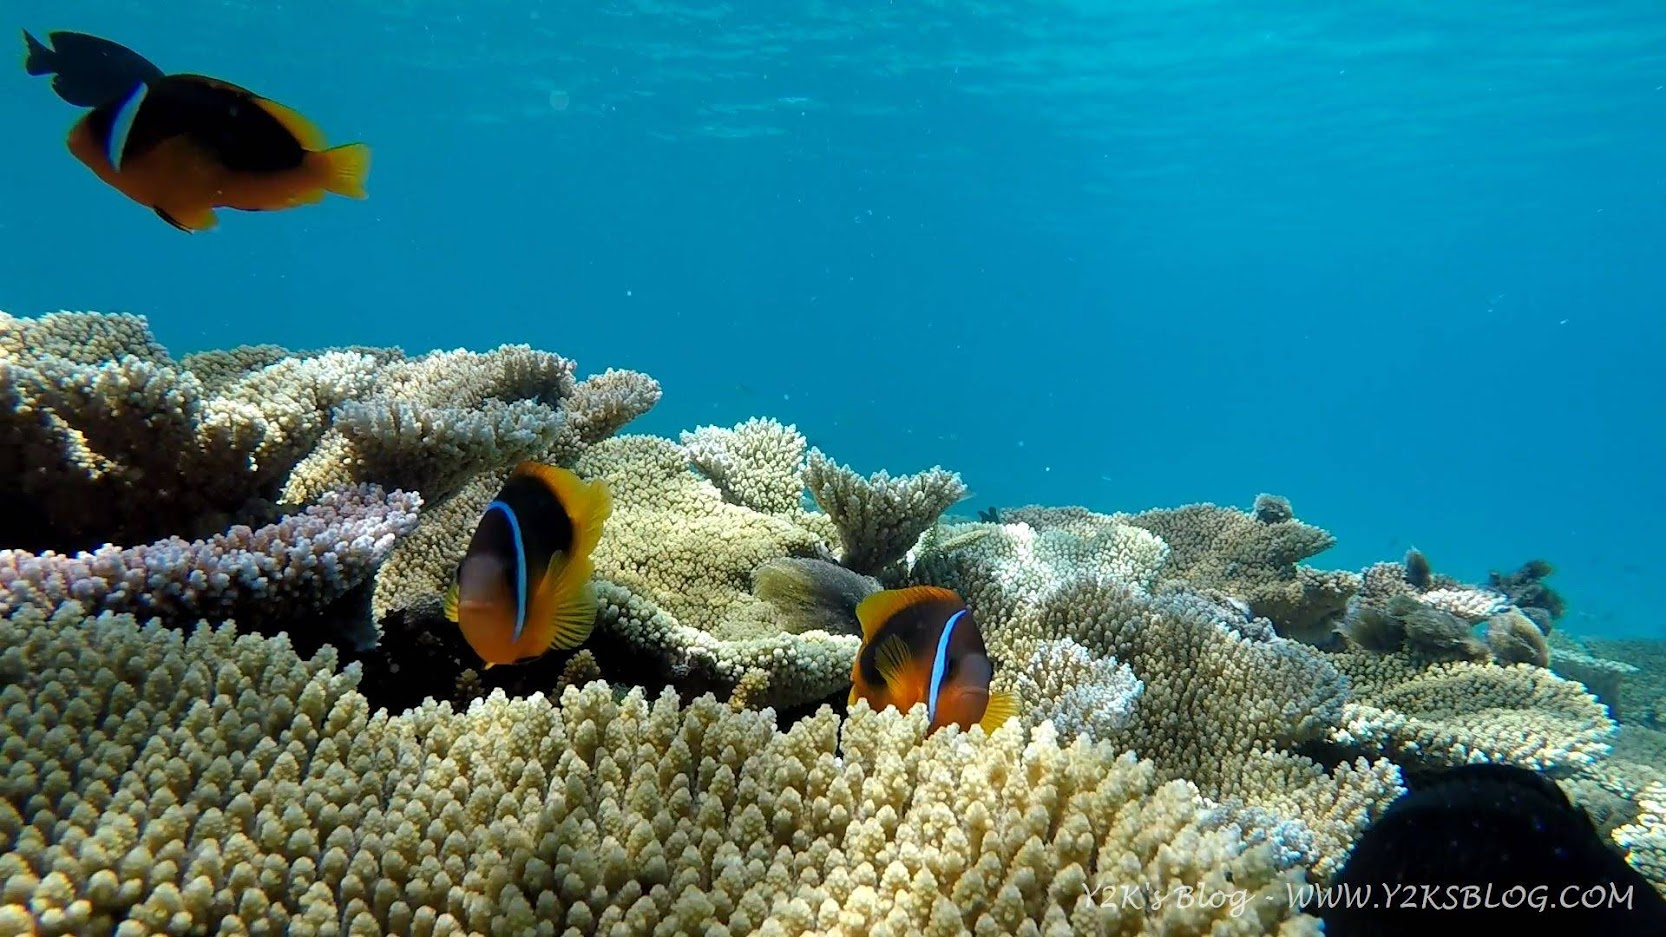 Pesci clown fanno capolino fra i coralli e le anemoni - Ha'apai